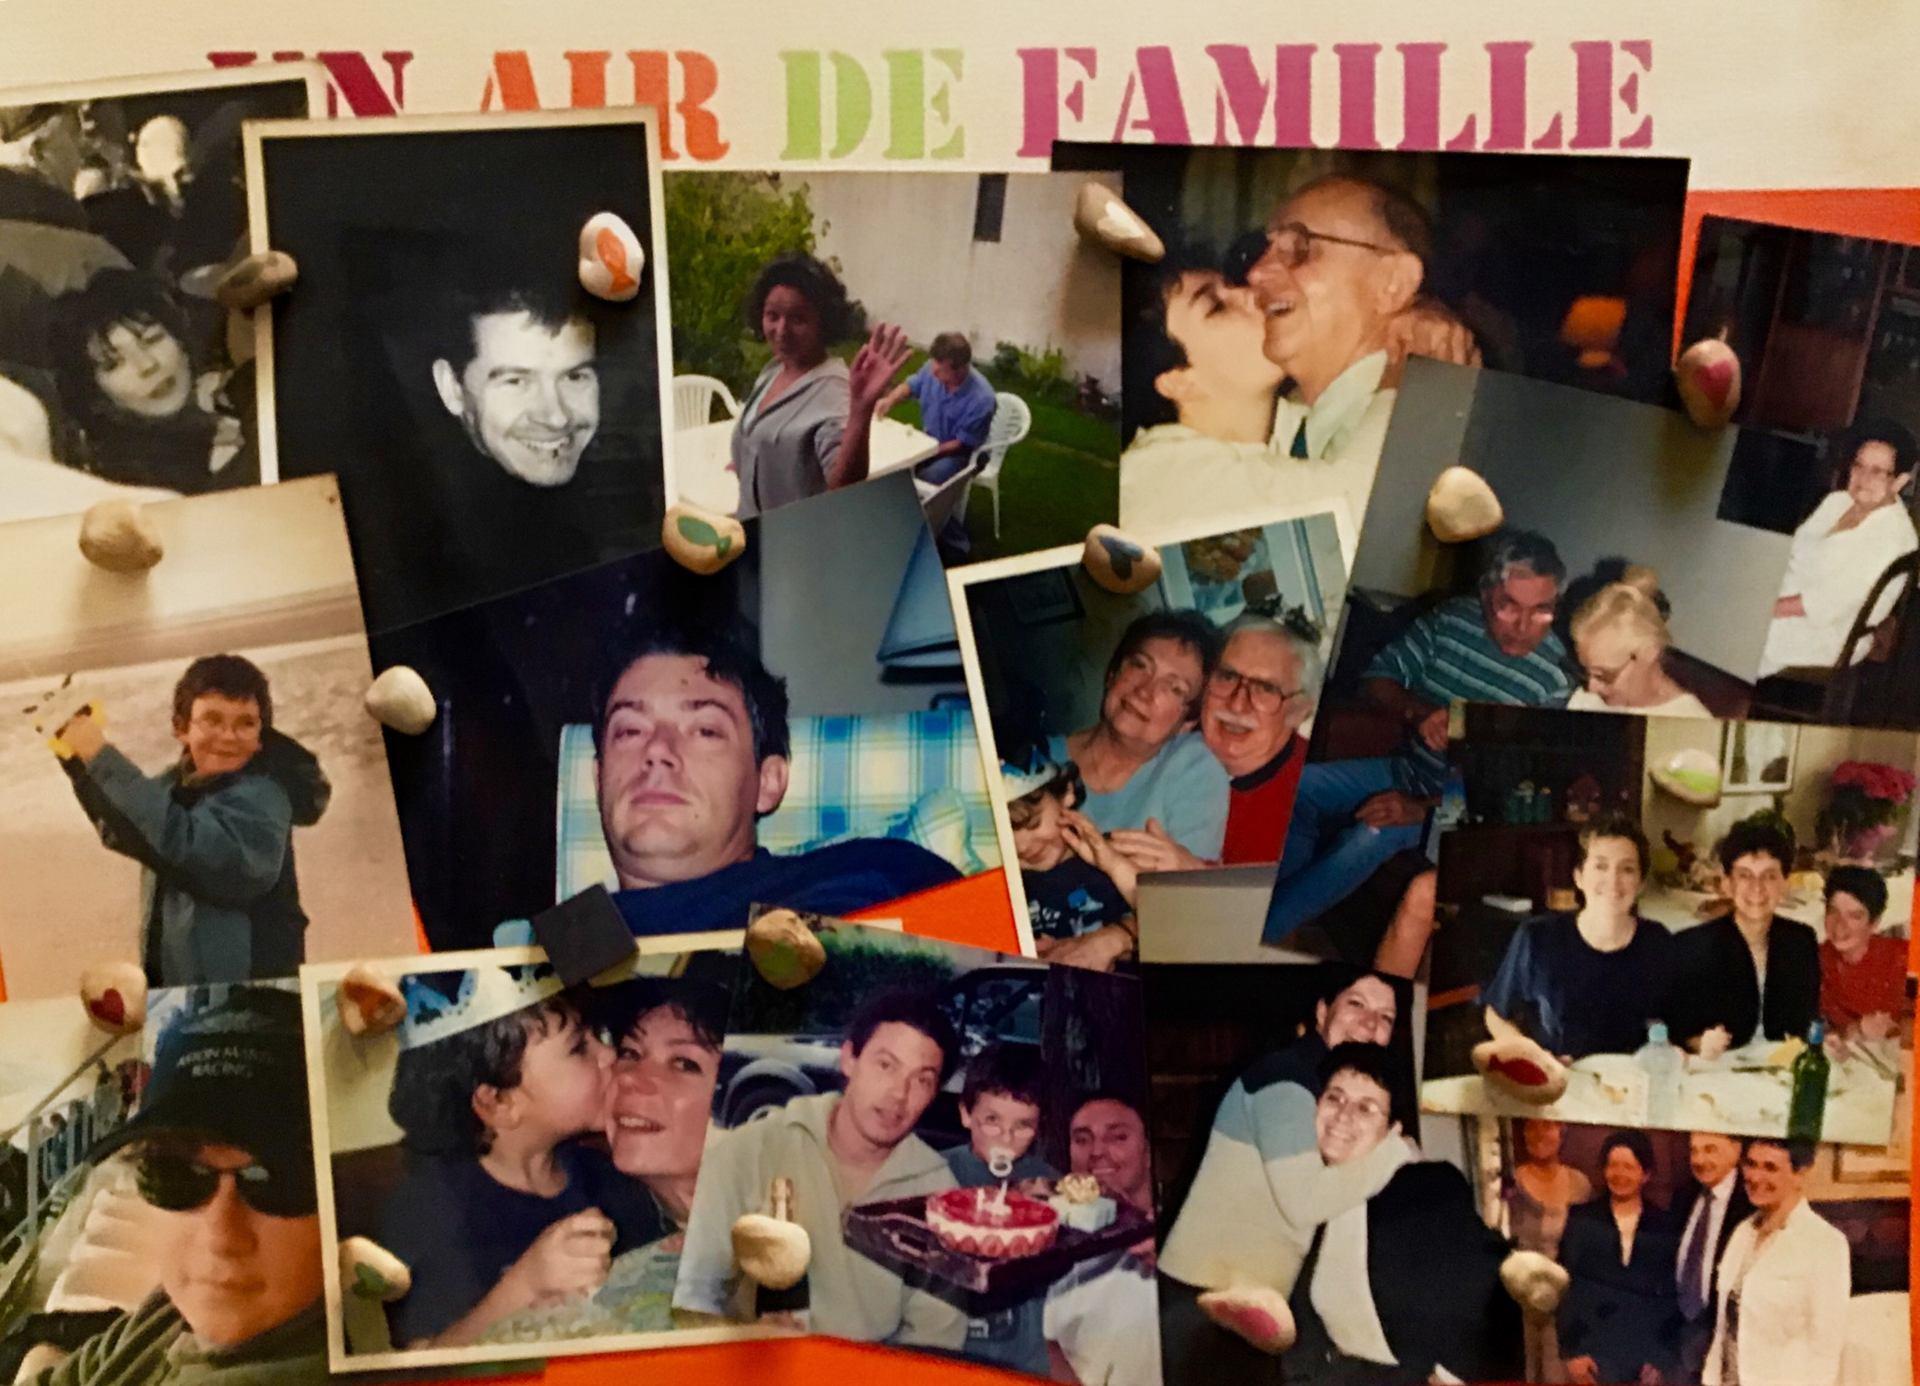 Un air de famille :-)